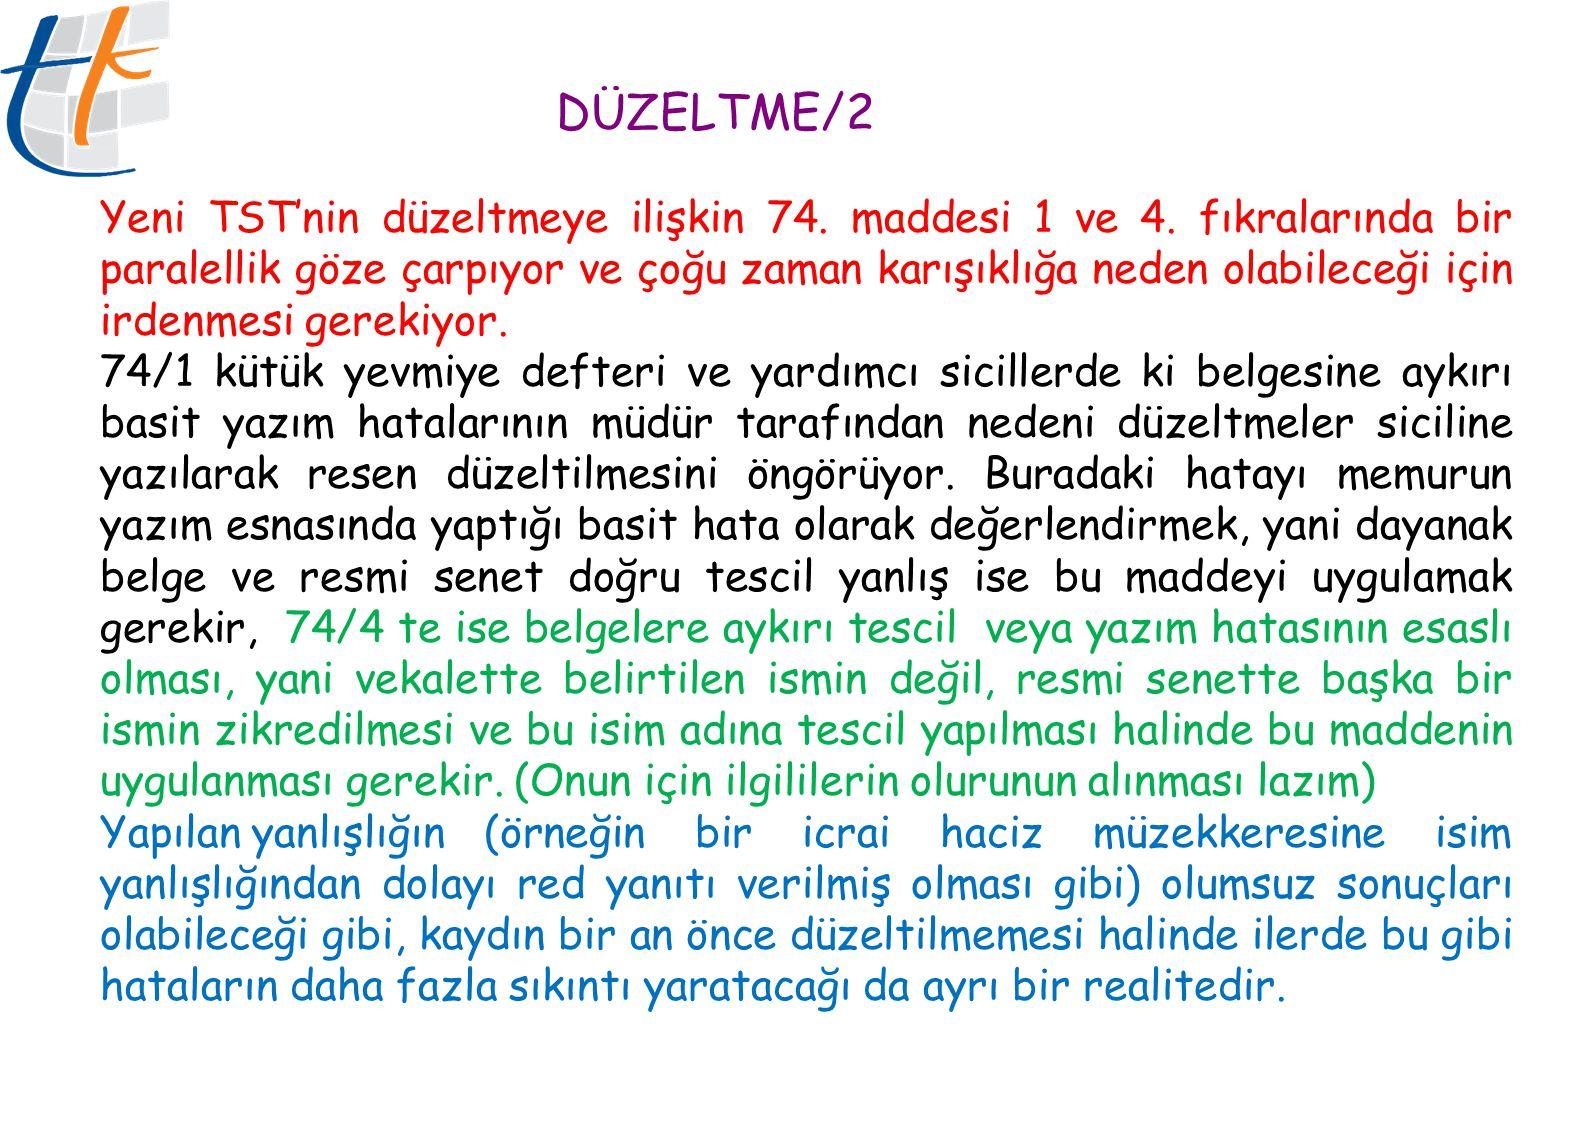 DÜZELTME/2 Yeni TST'nin düzeltmeye ilişkin 74. maddesi 1 ve 4. fıkralarında bir paralellik göze çarpıyor ve çoğu zaman karışıklığa neden olabileceği i